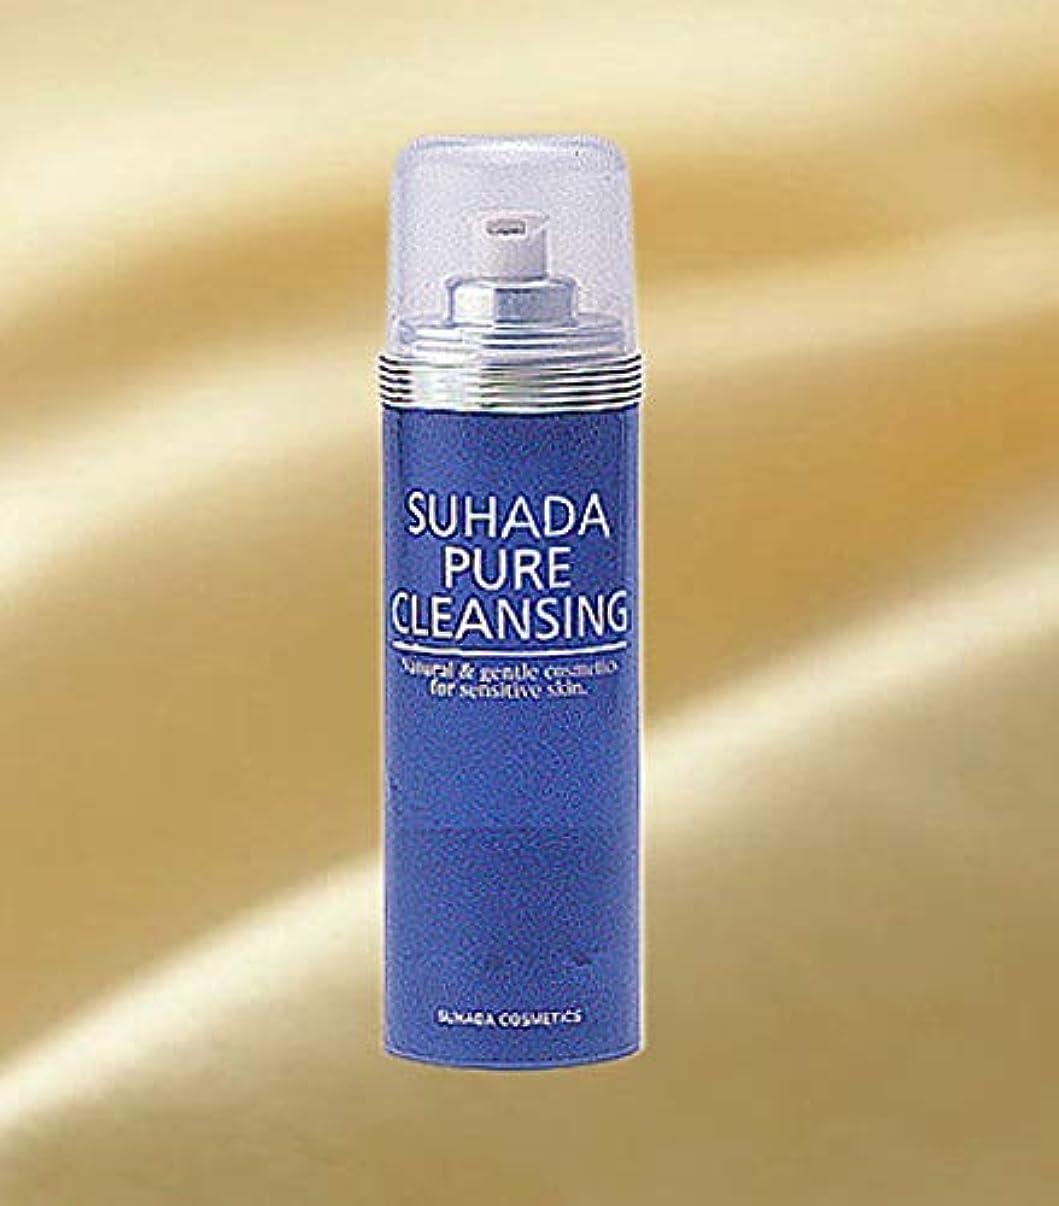 入札頭侵入するスハダ ピュアクレンジング(130g) Suhada Pure Cleansing